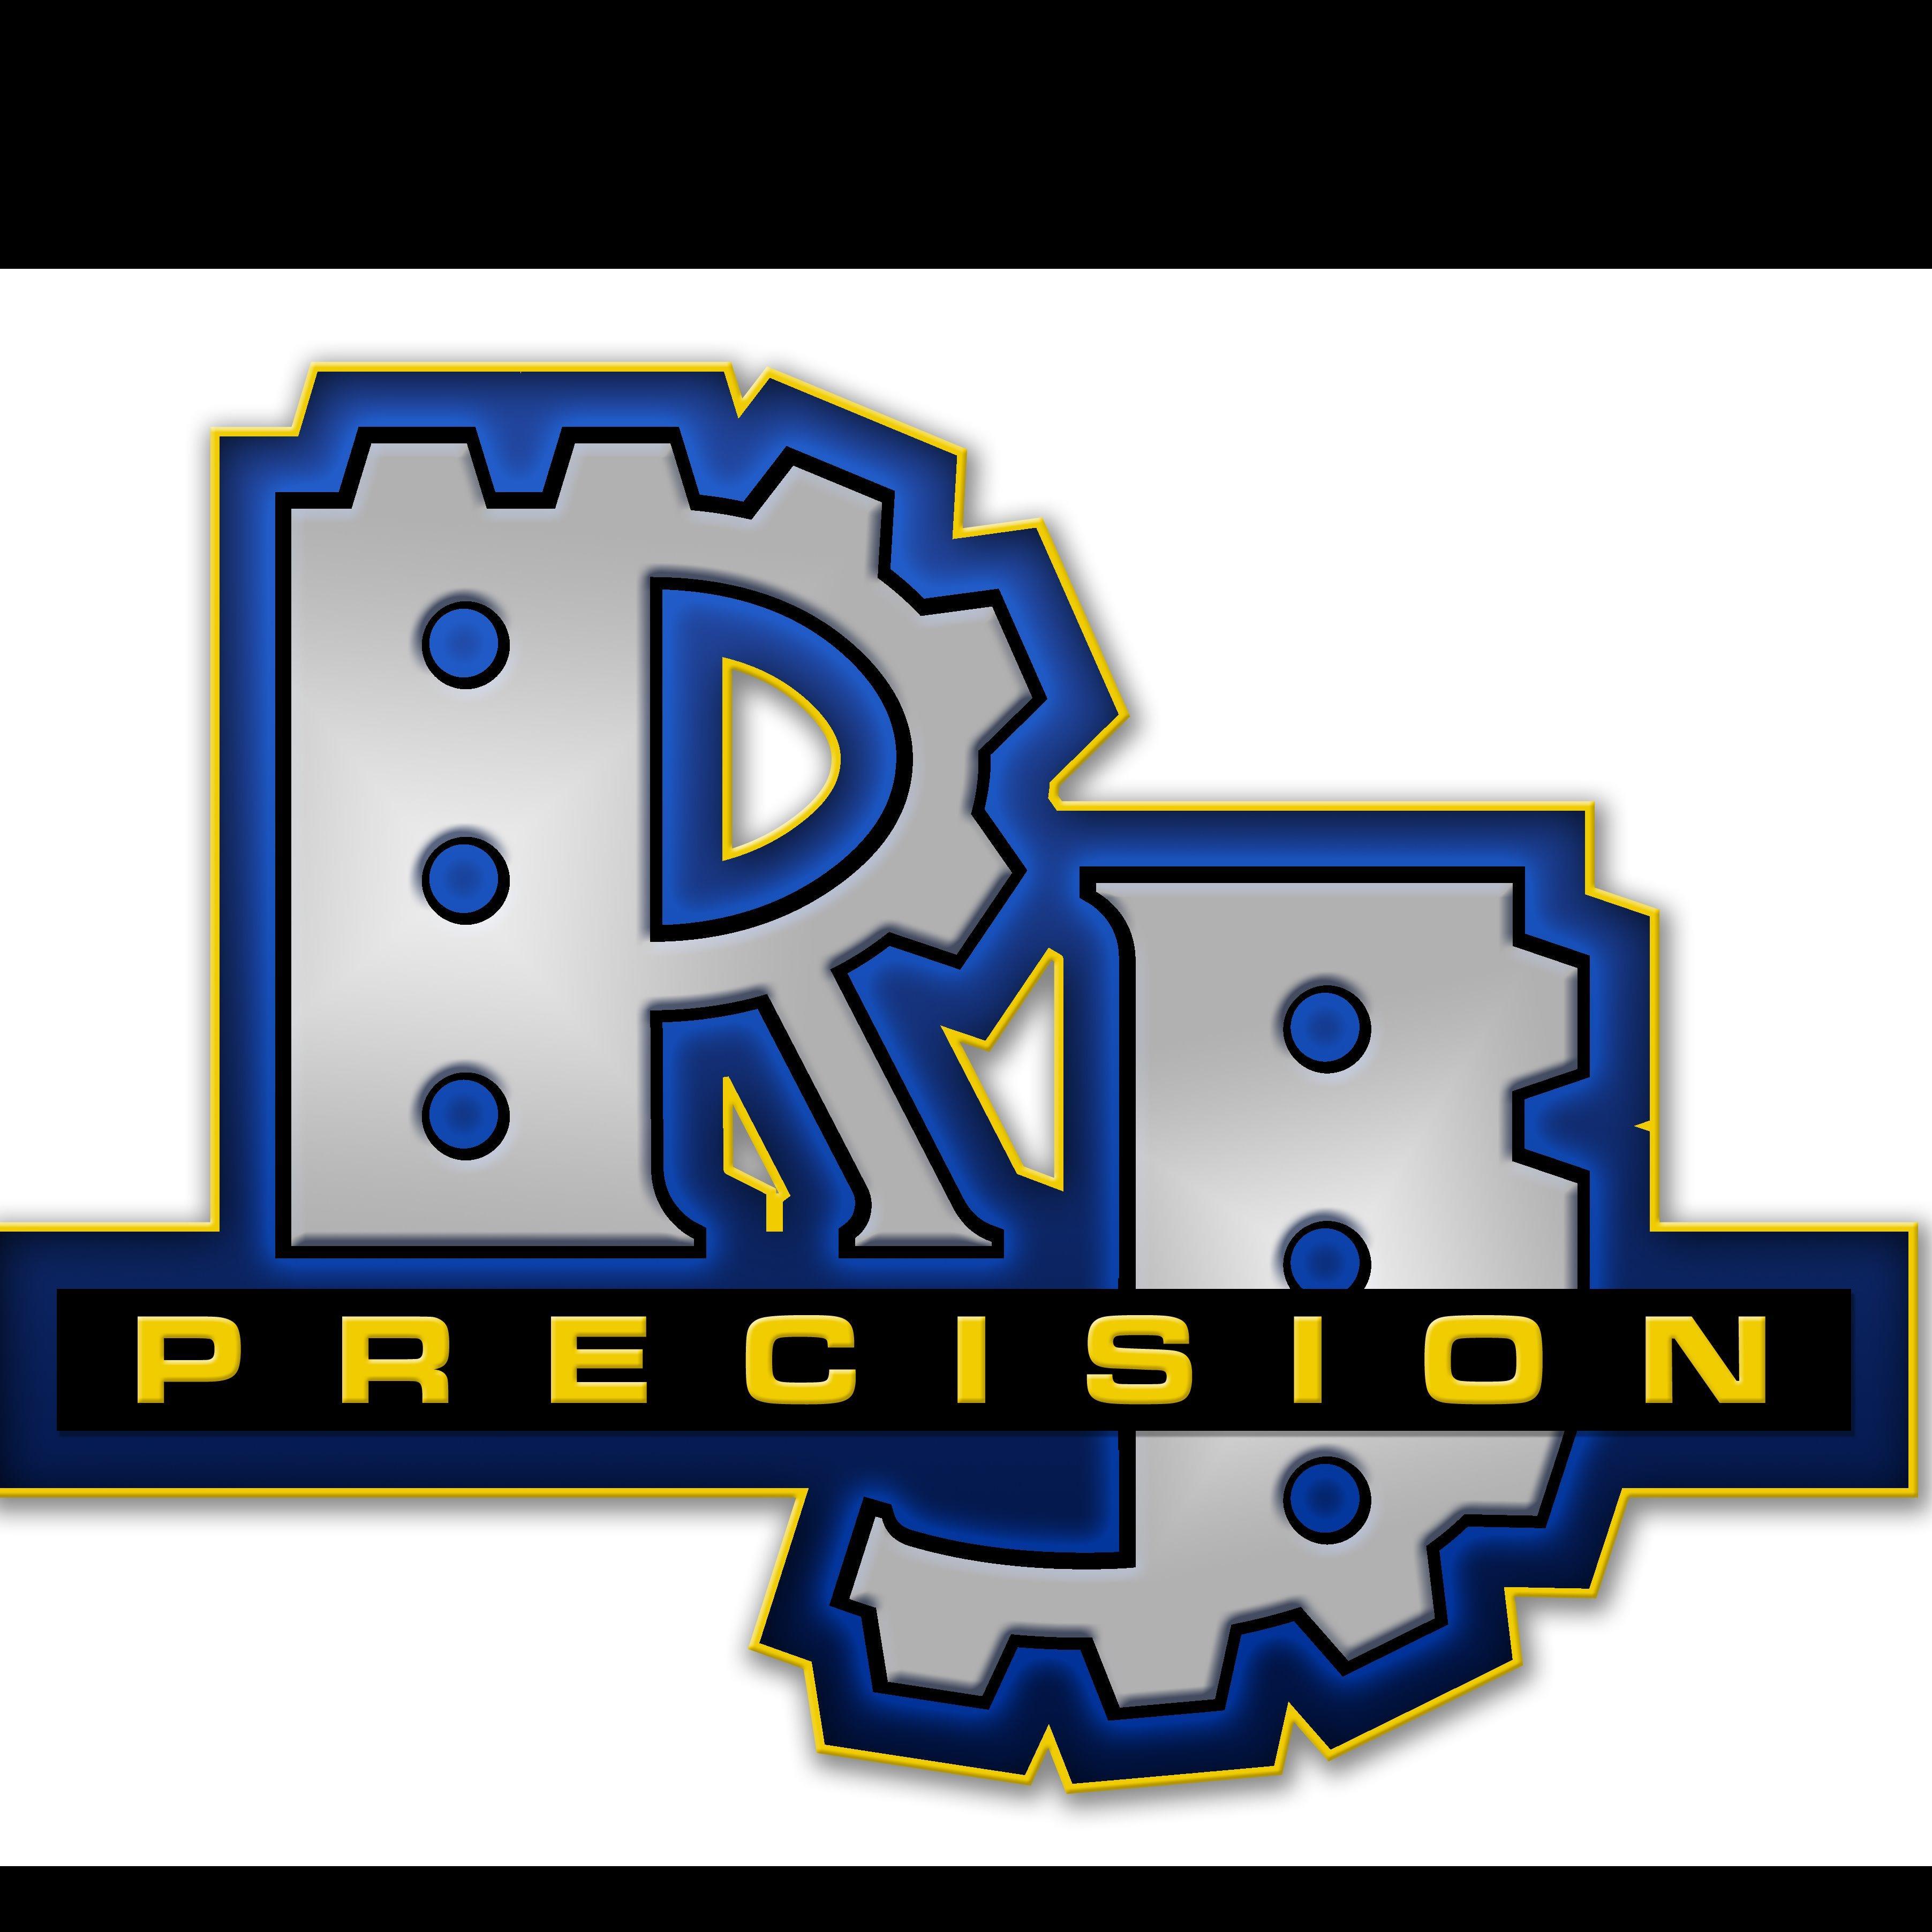 R J Precision LLC